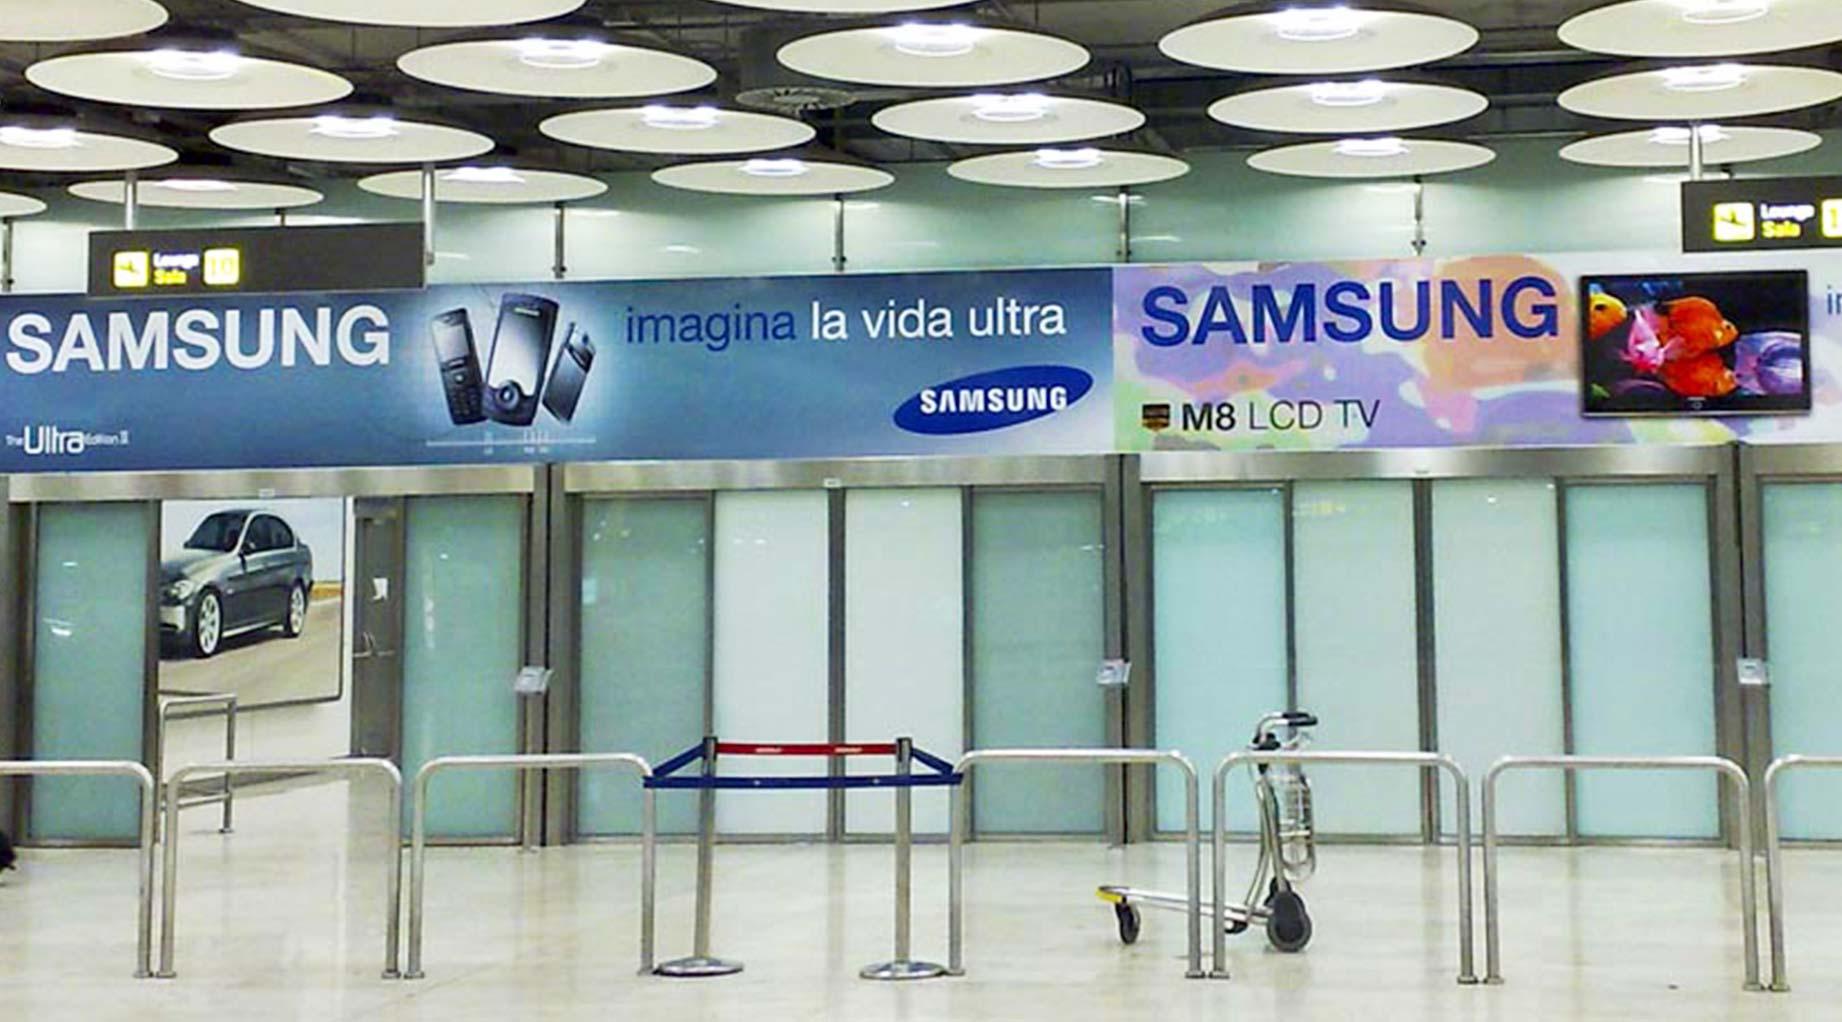 Aeropuerto Samsung